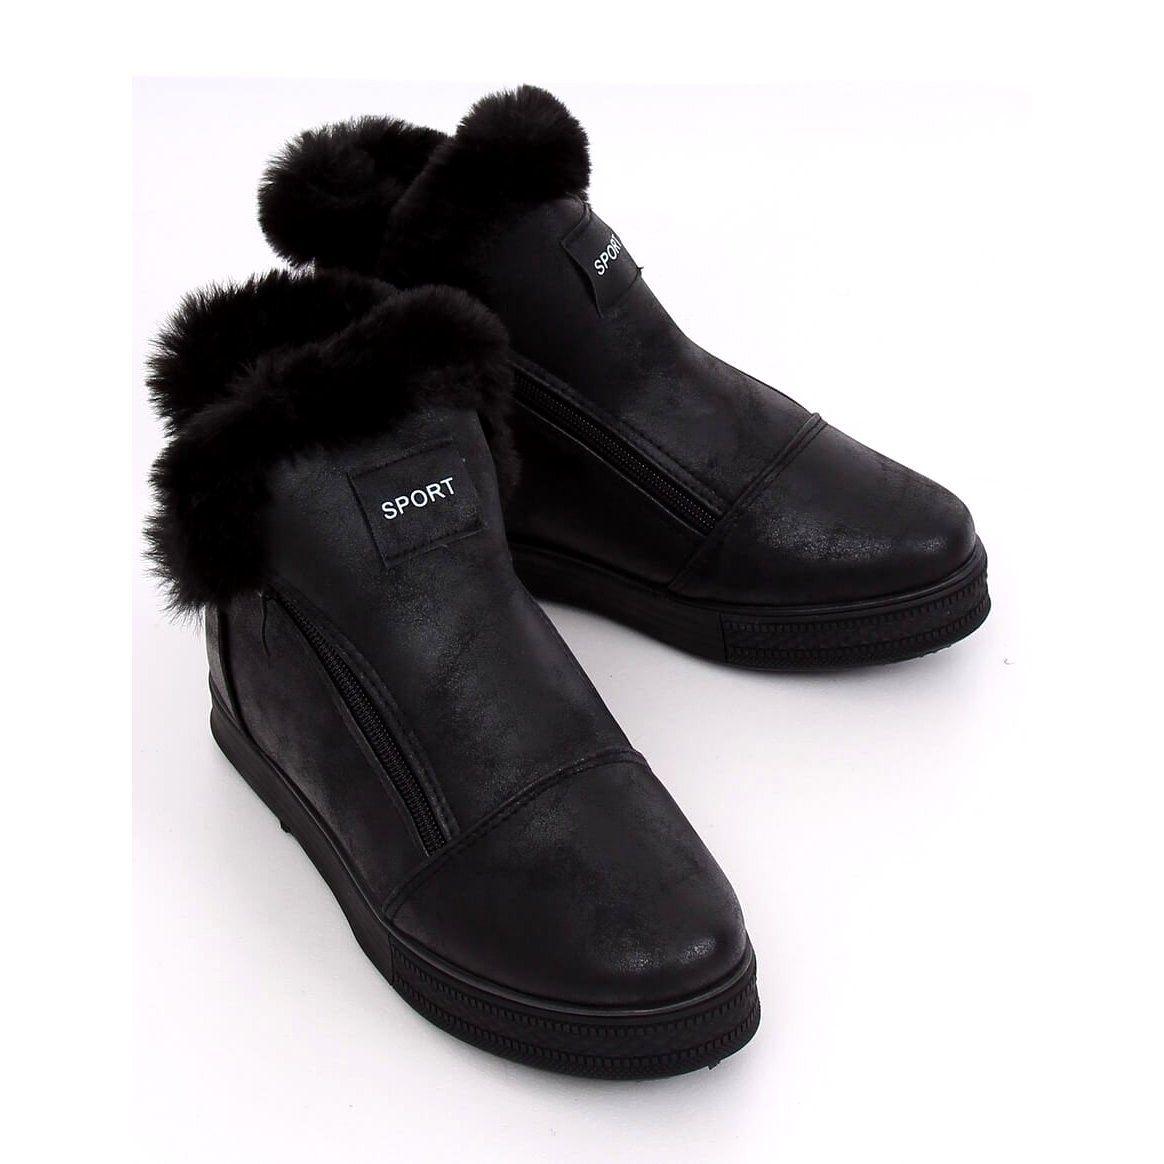 Trampki Za Kostke Z Futerkiem Czarne W19 29 Black Ii Gatunek Ankle Sneakers Boot Shoes Women Fur Heels